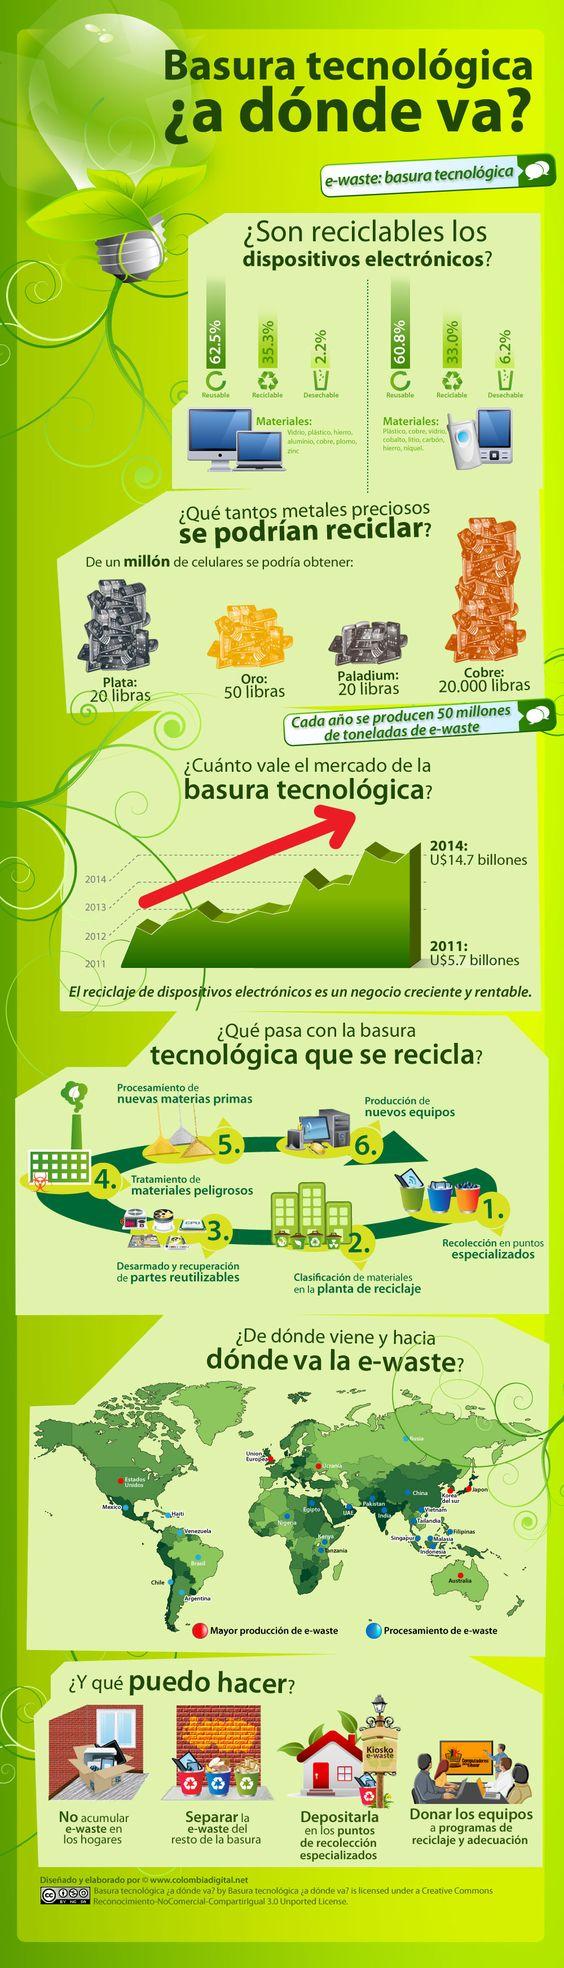 """¿A donde va la basura tecnológica?. [Contacto]: ► www.nestorcarrarasrl.wordpress.com Néstor P. Carrara S.R.L """"Desde 1980 satisfaciendo a nuestros clientes"""""""